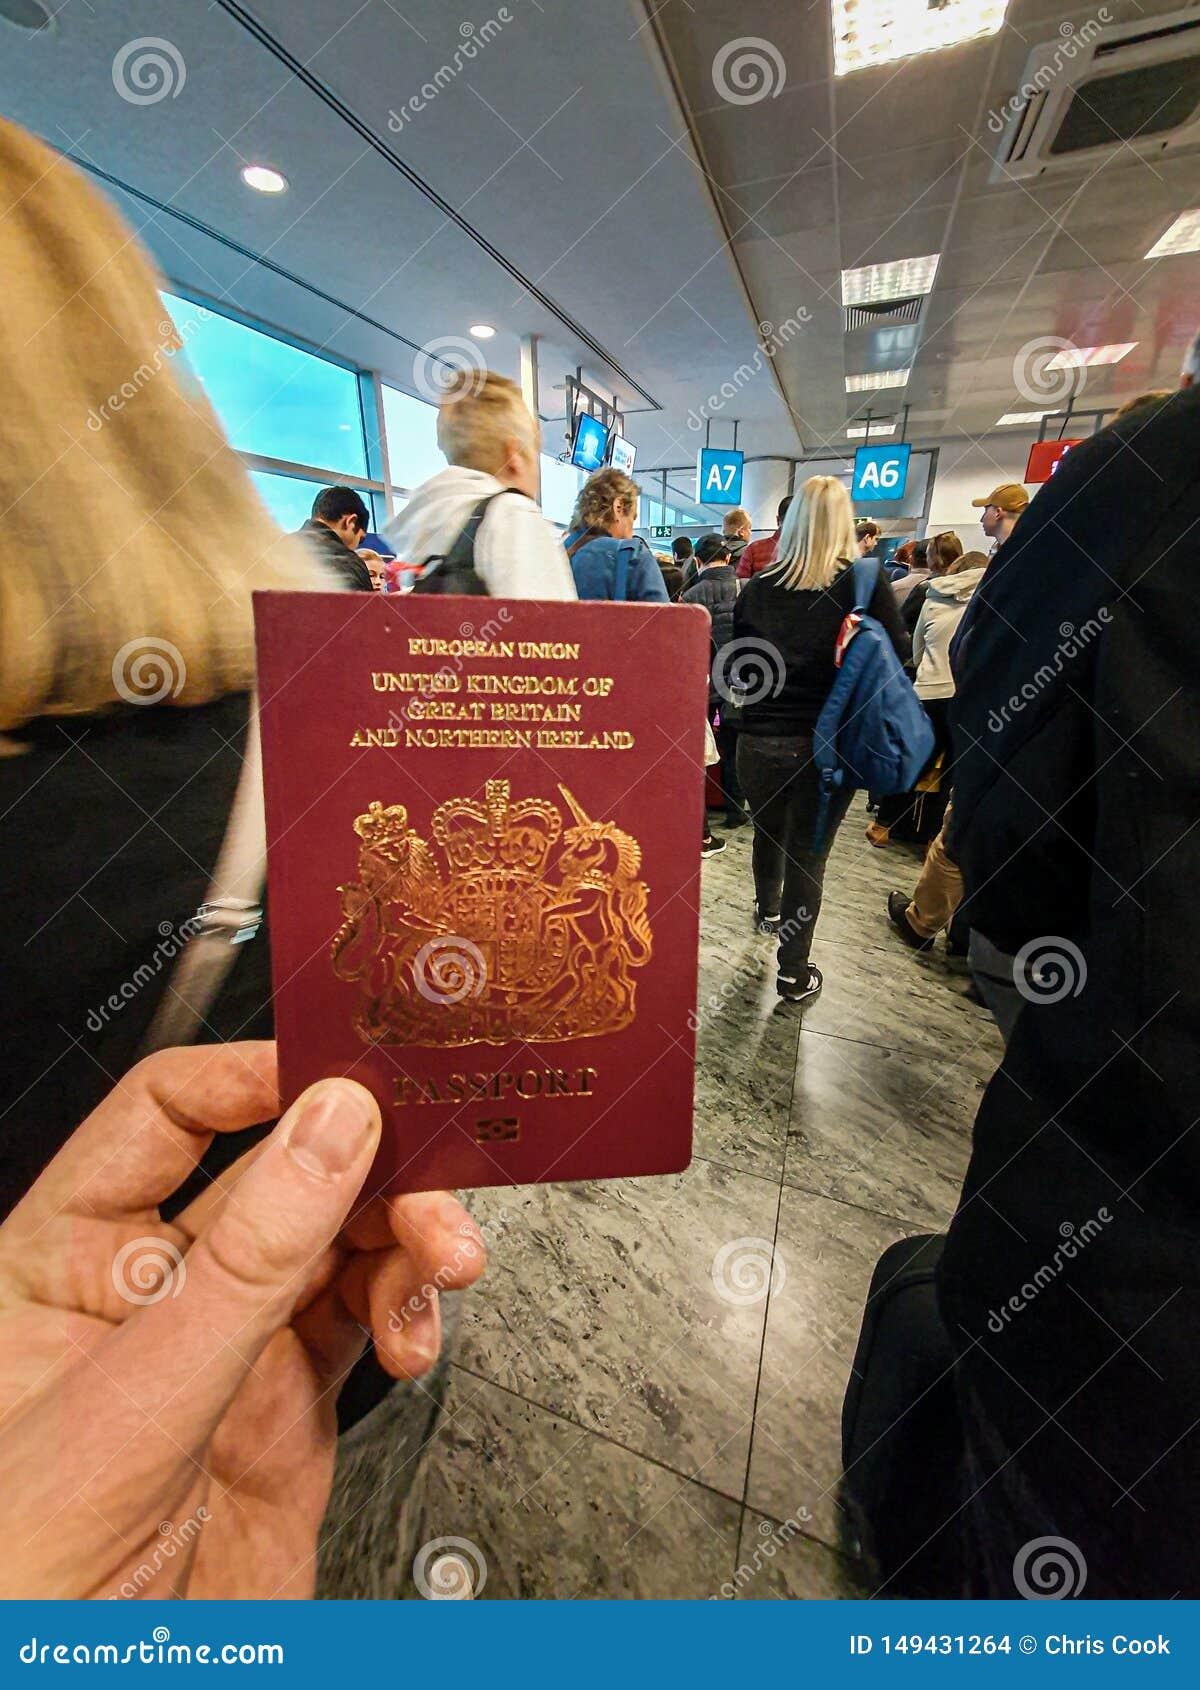 Белый мужчина держит его красный великобританский паспорт в его руке в середине толпить терминала отклонения